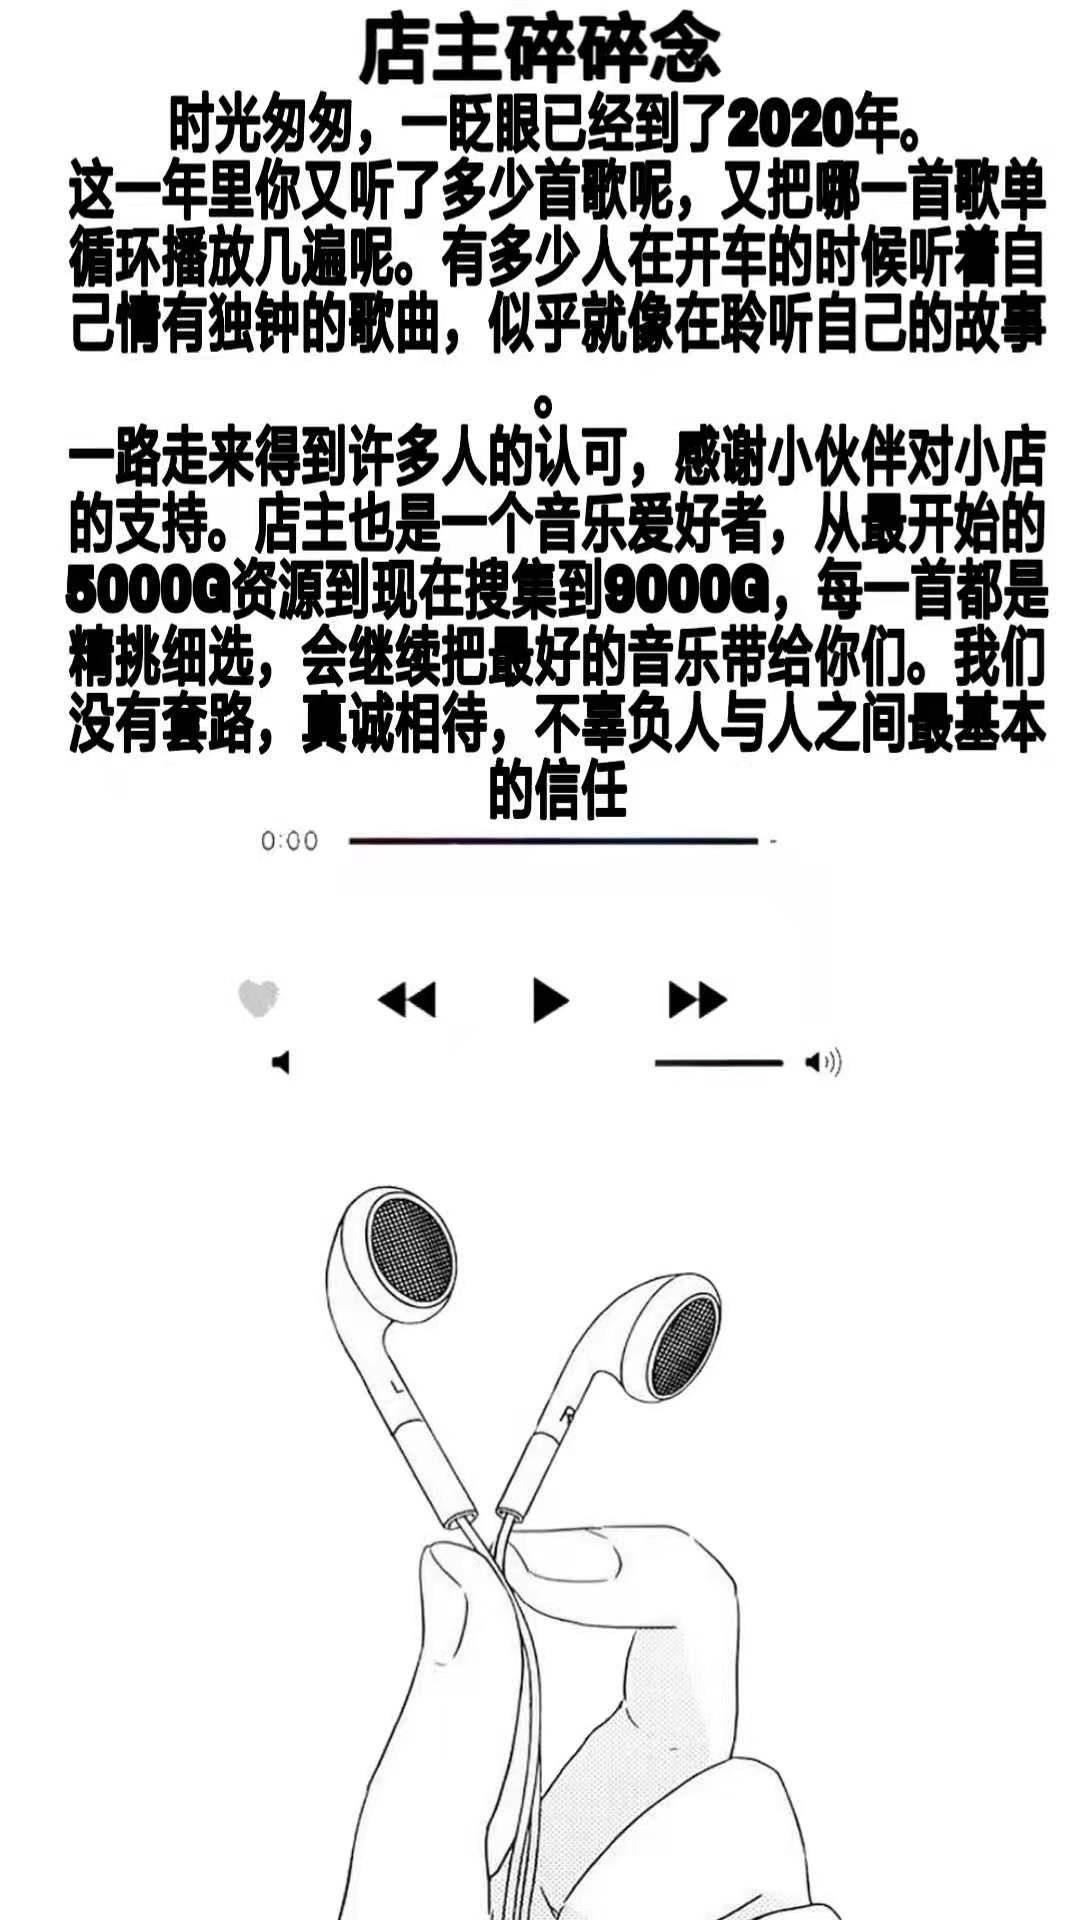 2020车载音乐下载包无损音源抖音热门经典流行MP3新歌曲视频音乐网盘打包下载